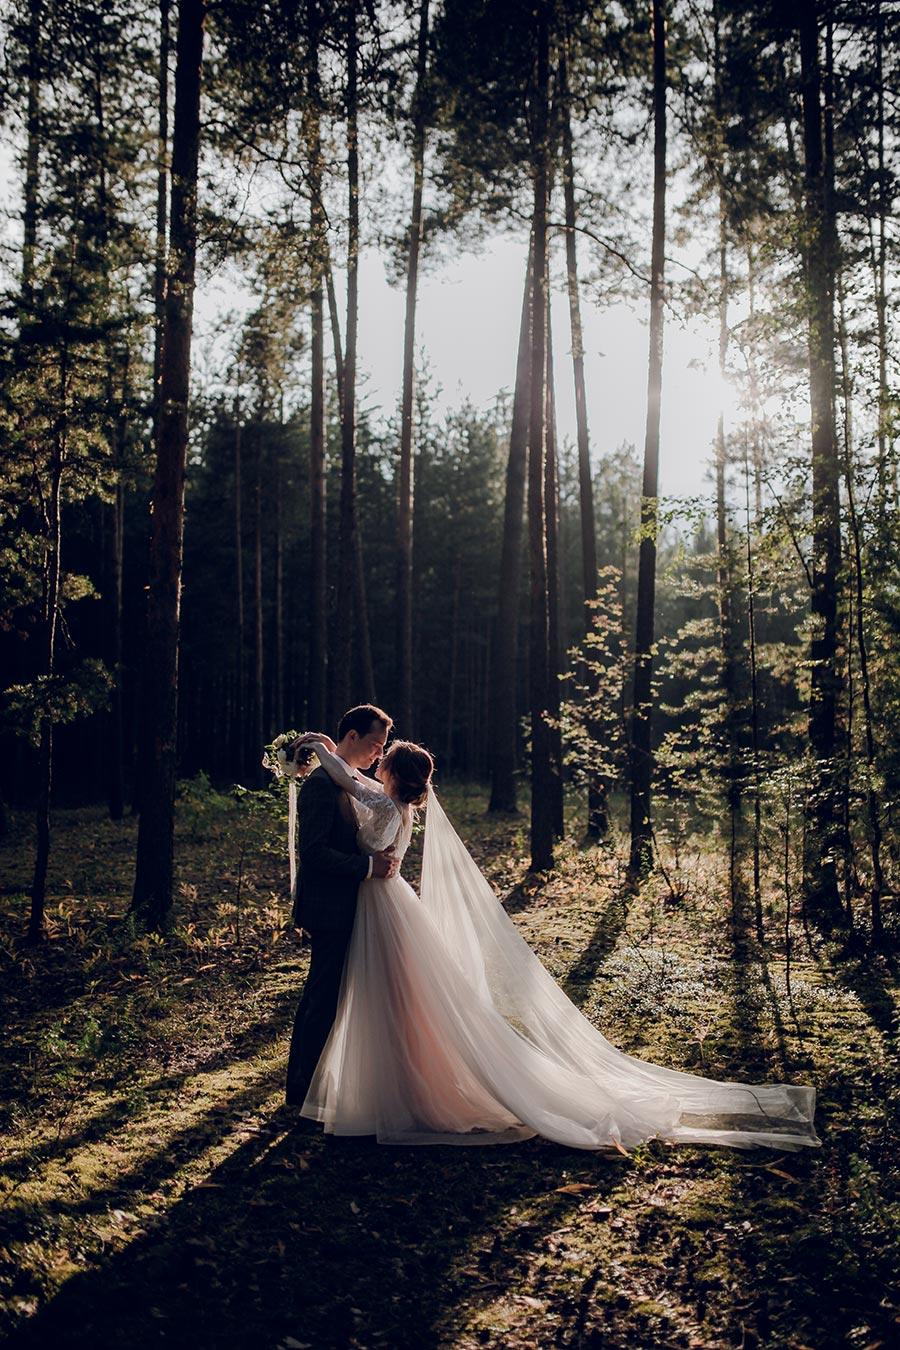 душевная свадьба тани и славы на природе 13